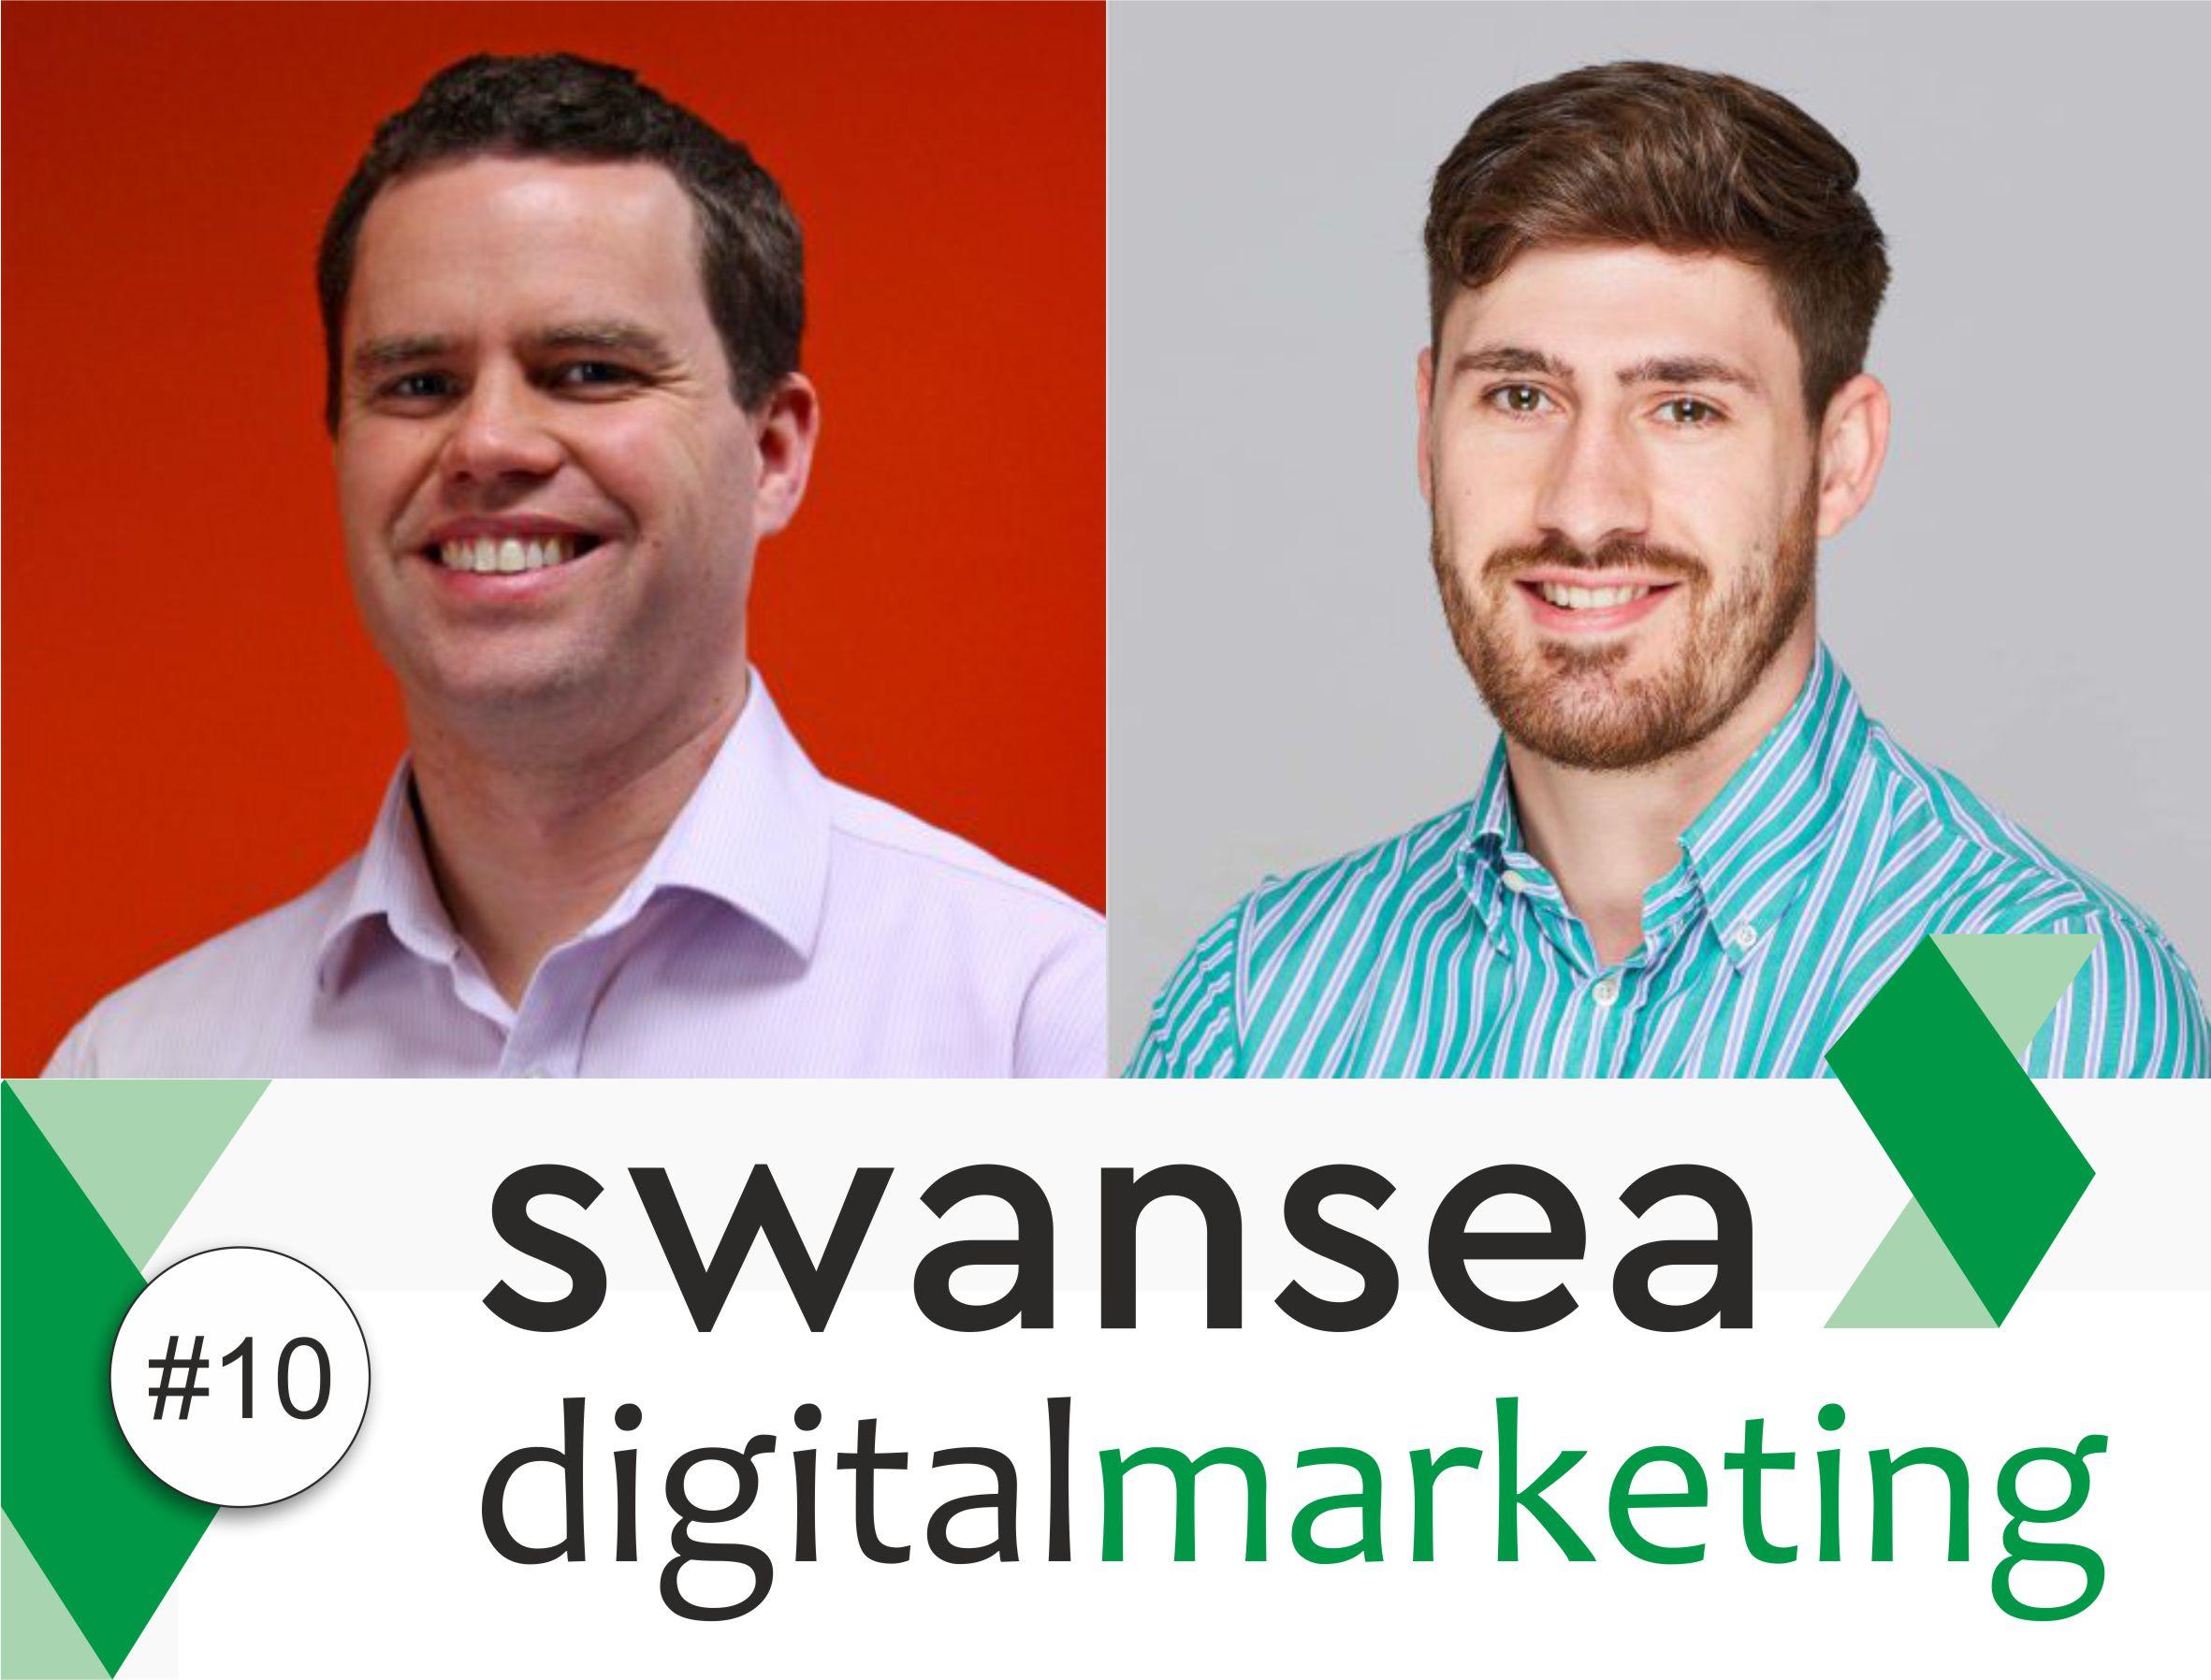 Swansea Digital Marketing & SEO Meetup #10 Speakers